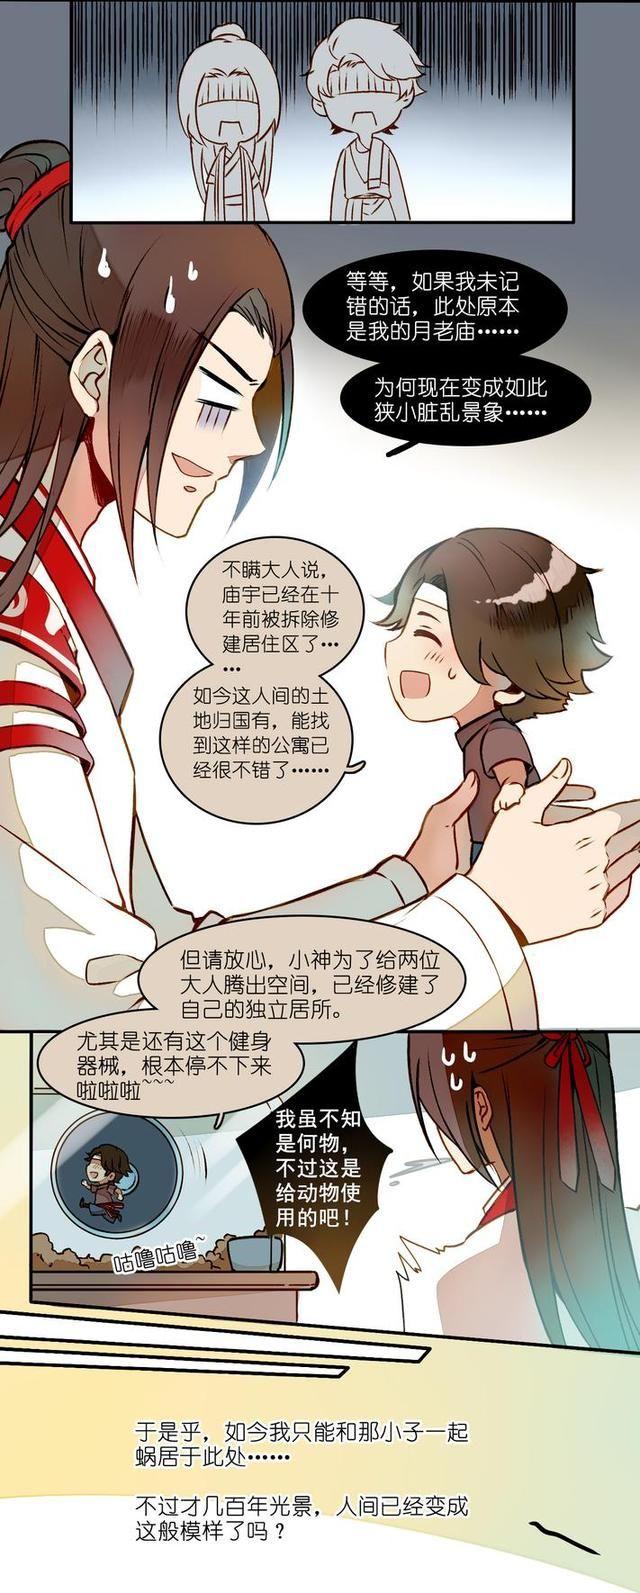 BL耽美漫画:红线不要拿混蛋闭嘴play!哼,捆绑牛玩具情趣图片